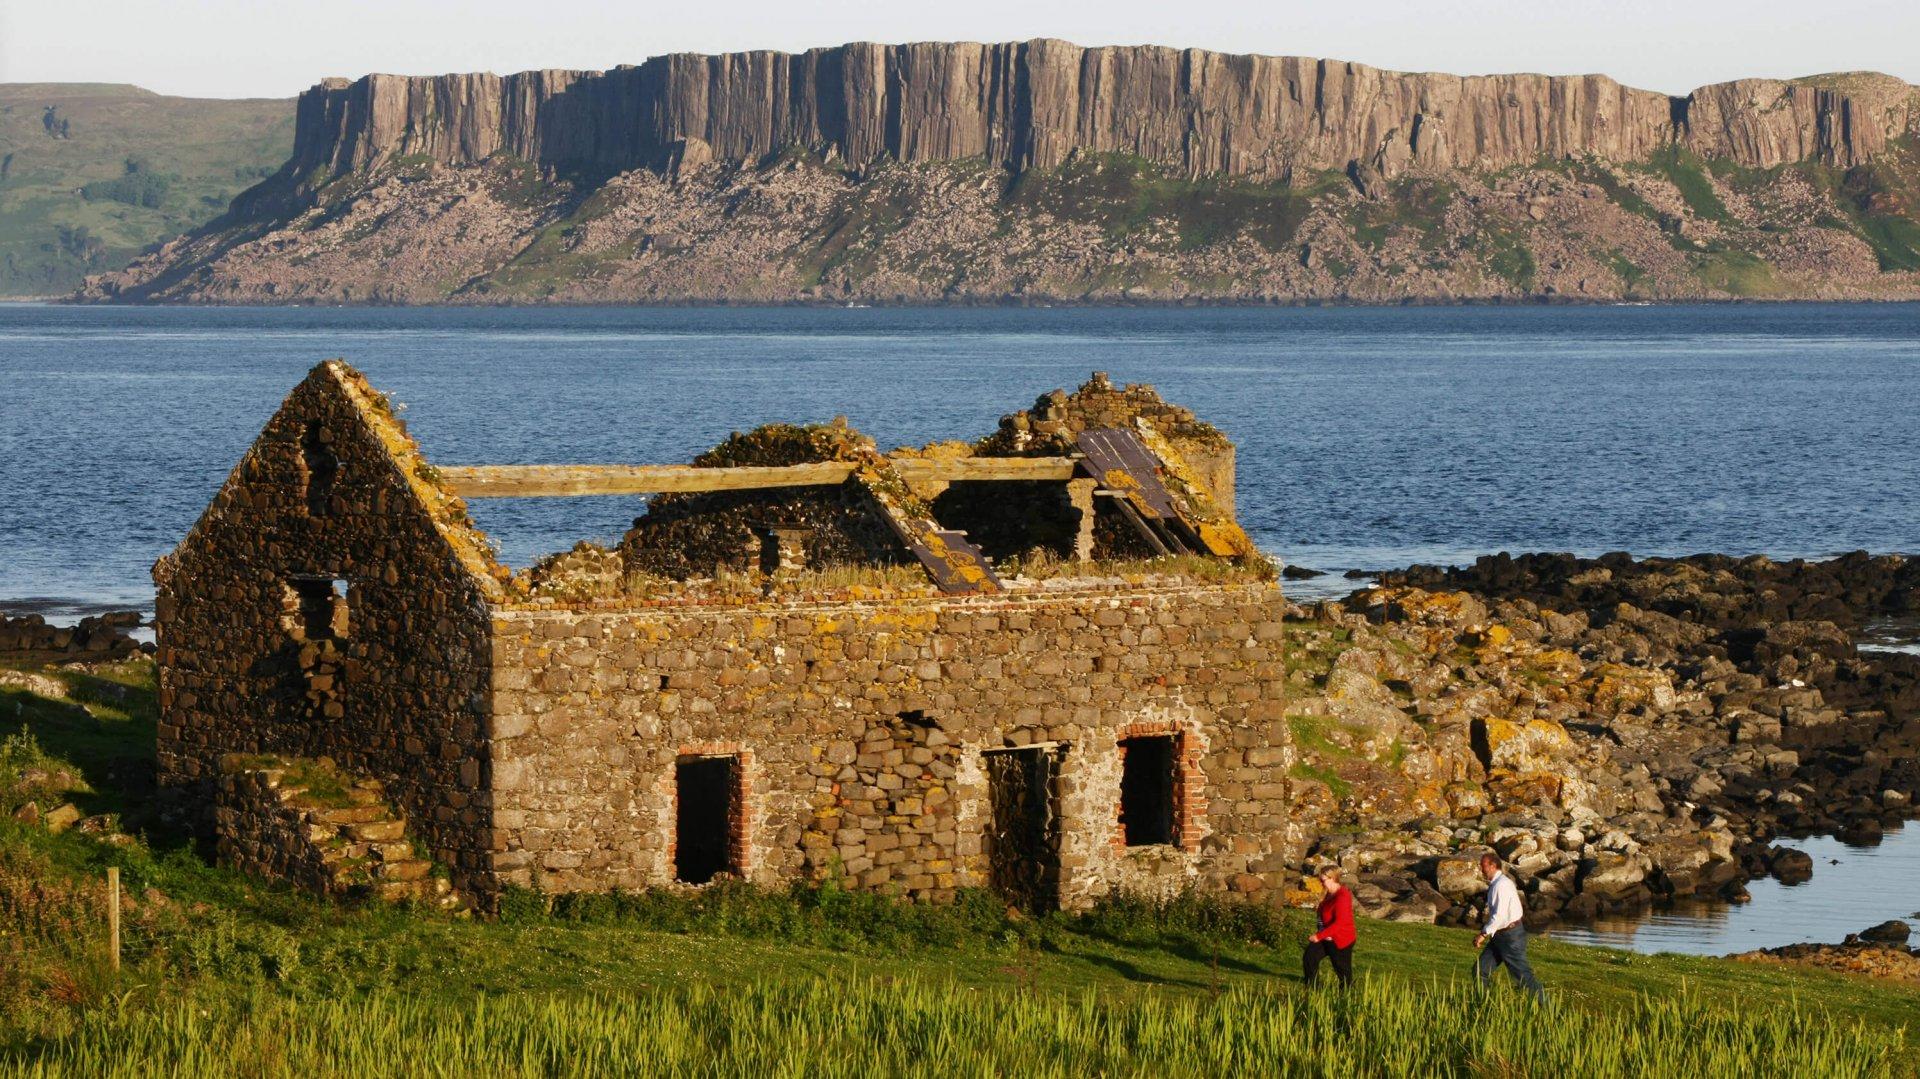 Abandonded cottage at Usher Point on Rathlin Island off the Antrim coast, Ireland